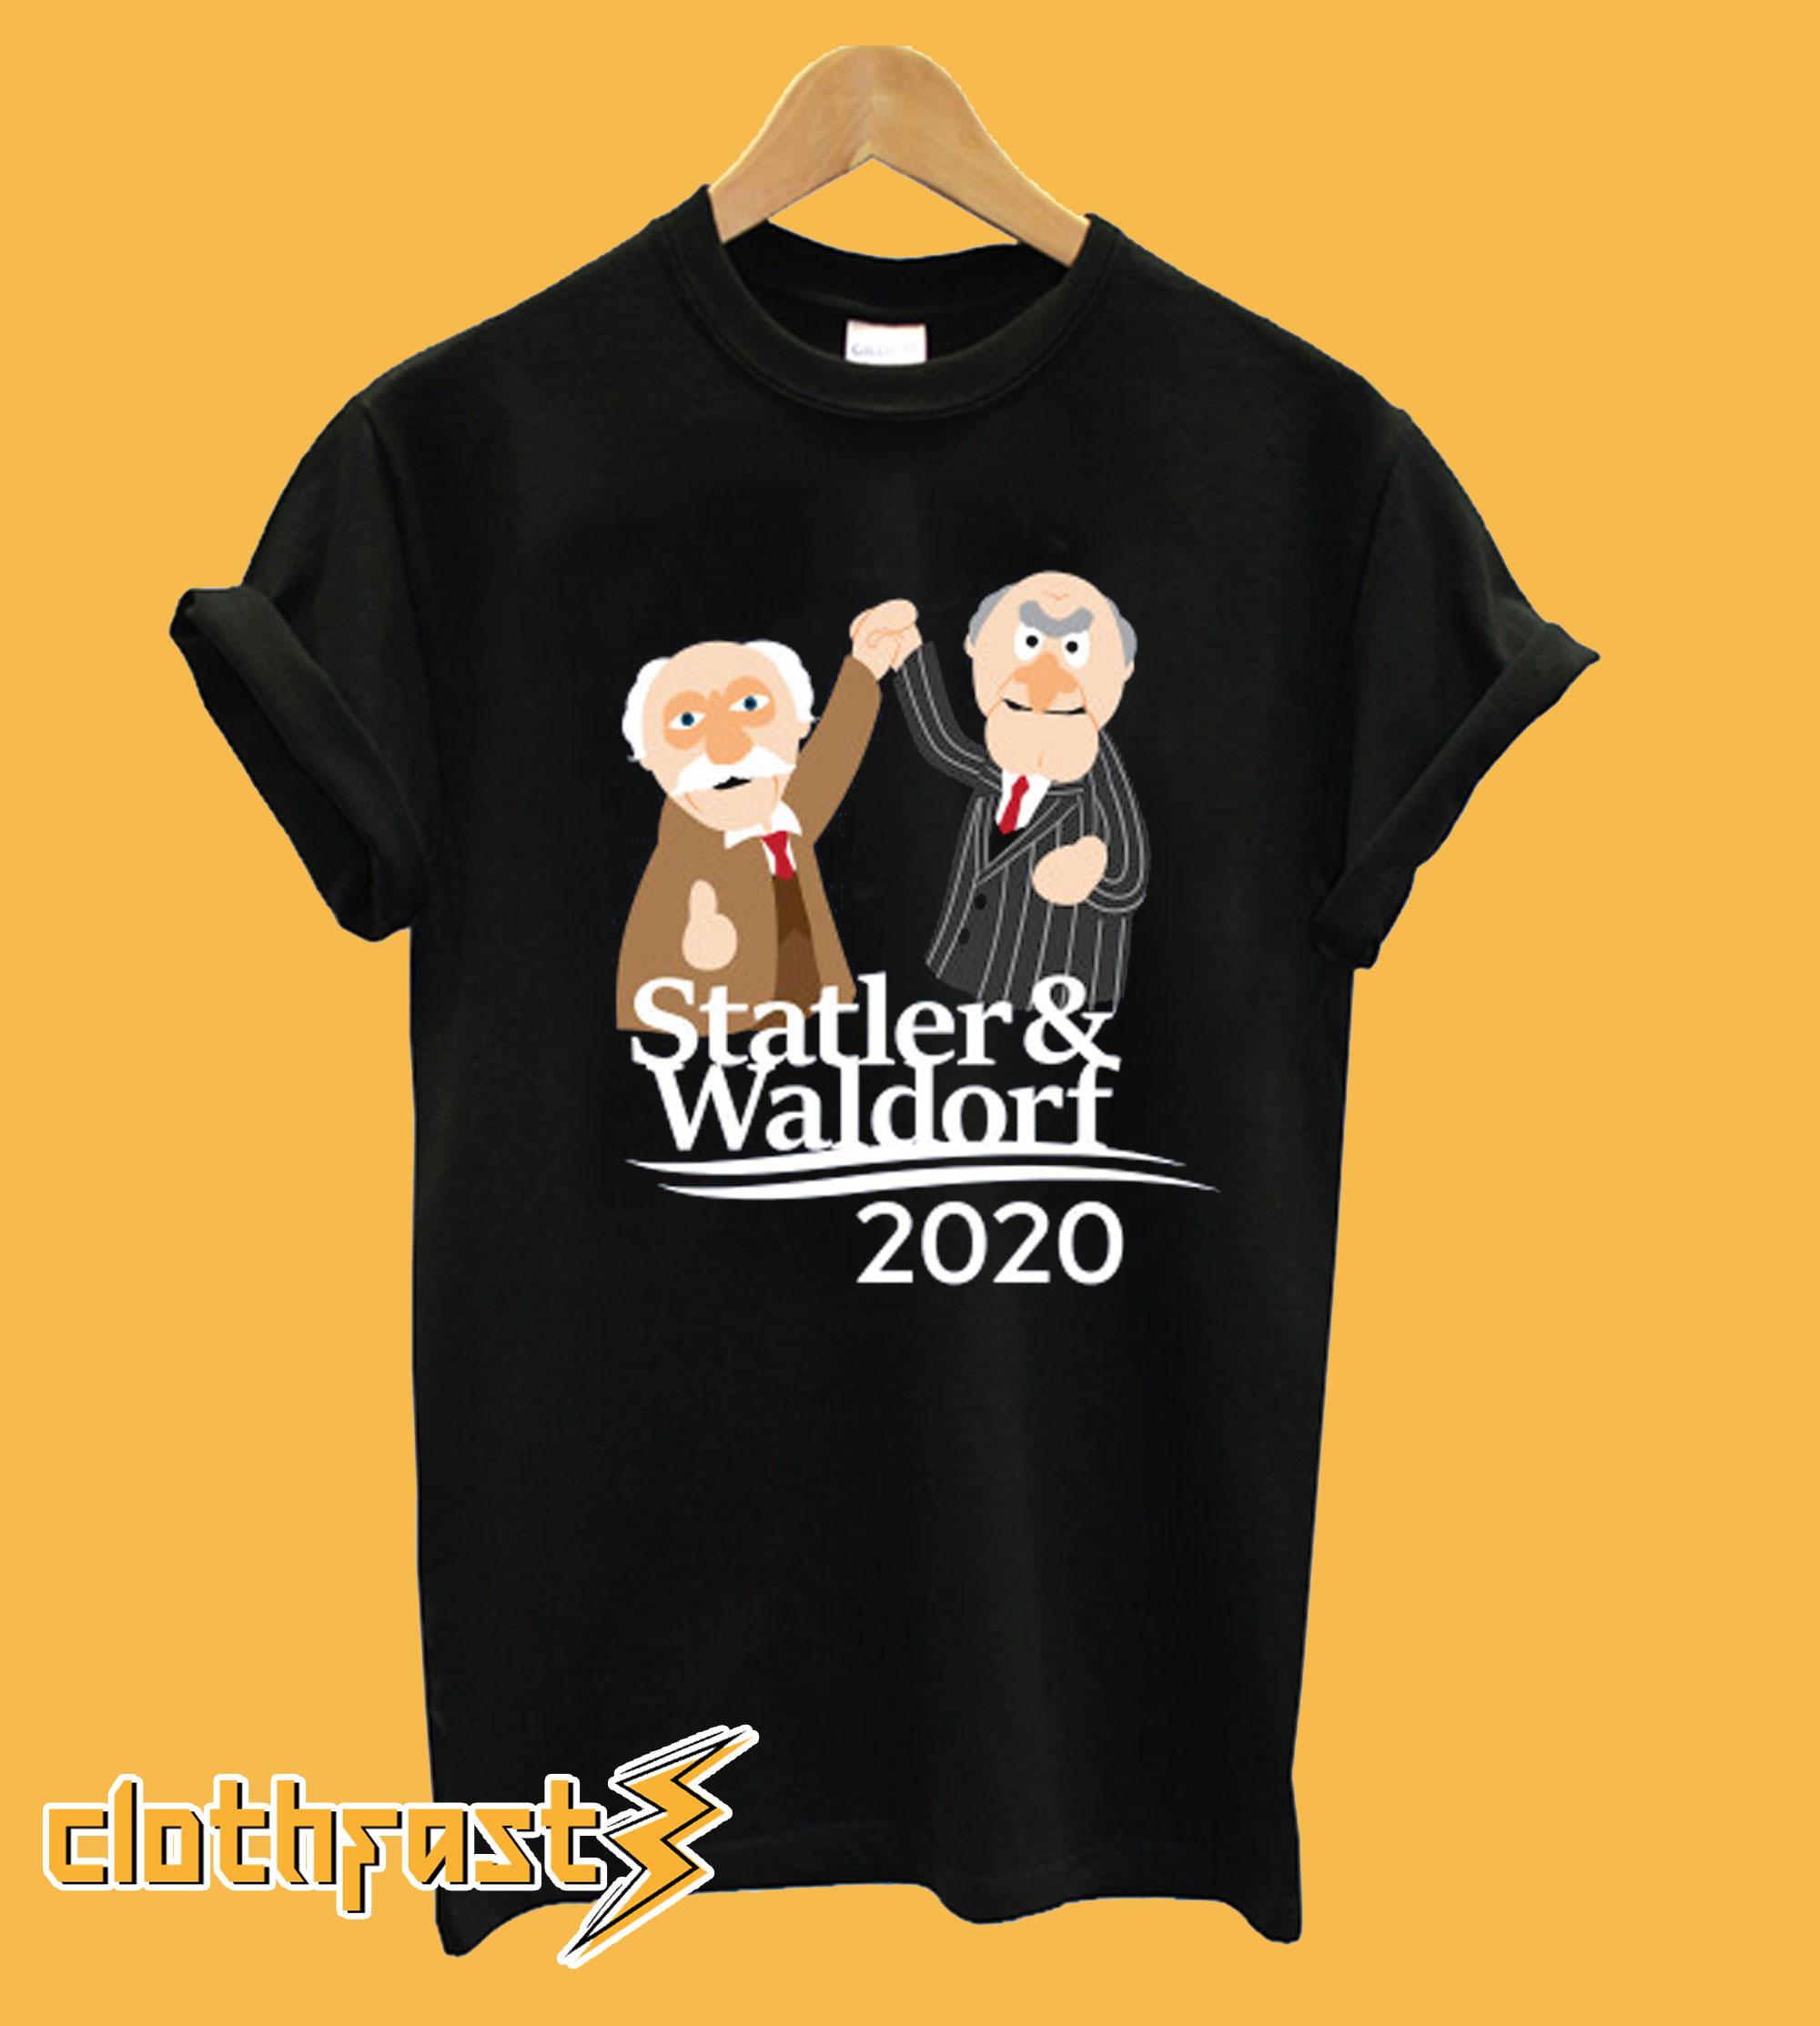 Statler & Waldorf 2020 T-Shirt